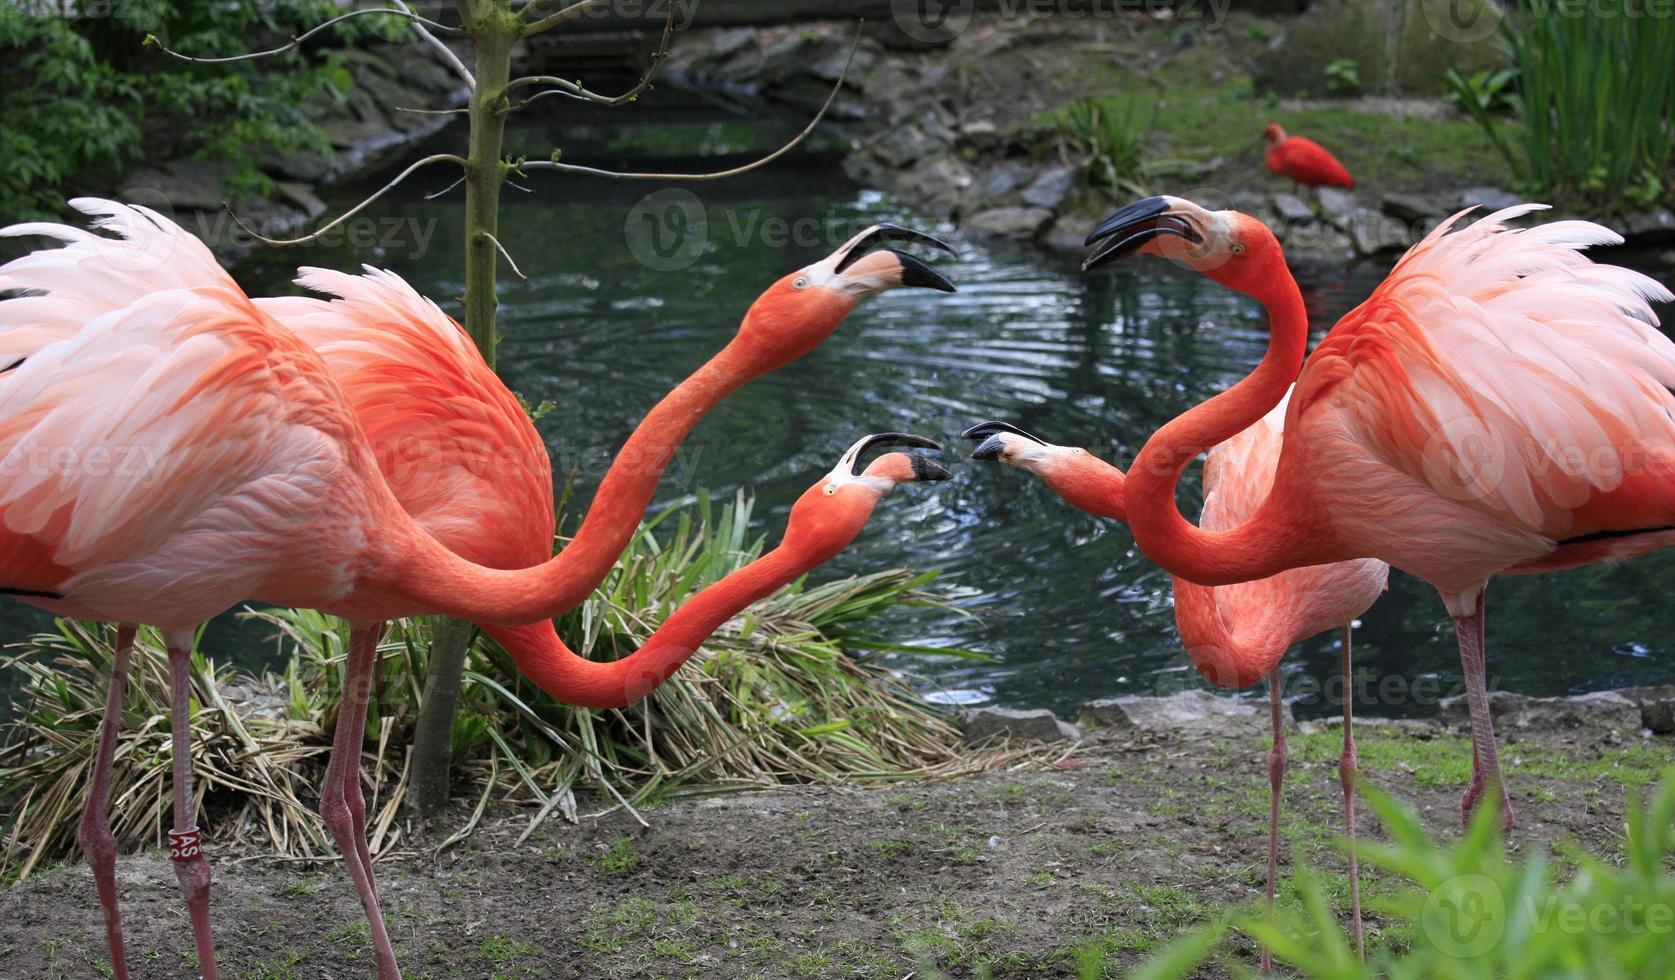 flamencos rojos charlando, reserva natural, bélgica foto